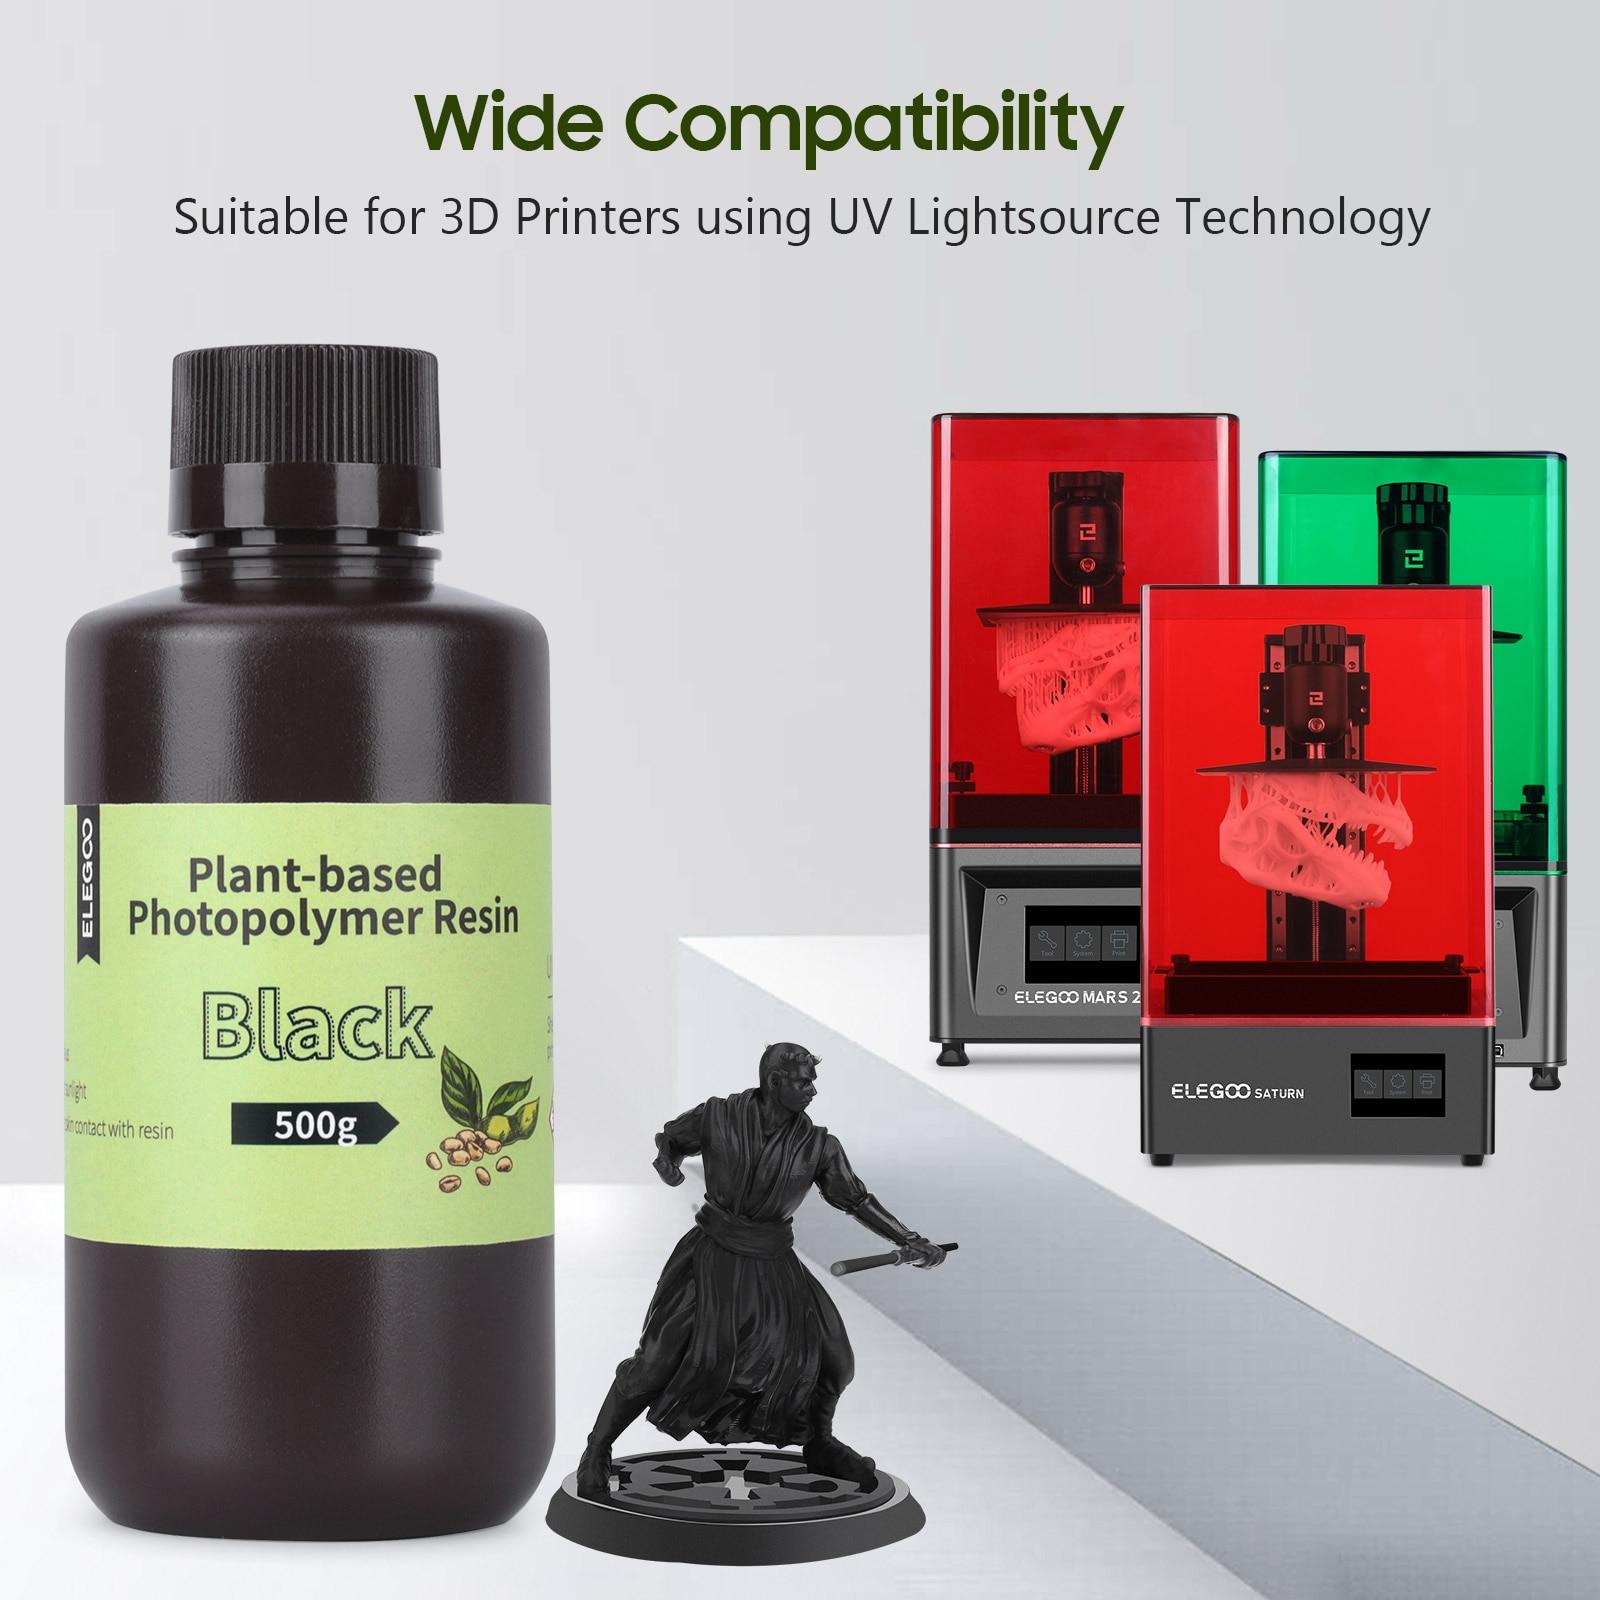 ELEGOO 500 мл с растительными экстрактами, 3D принтеры смолы 405nm УФ смола для ЖК дисплей 3D принтеры доски цвета слоновой кости, Материал светильник запаха черный|Материалы для 3D-печати|   | АлиЭкспресс